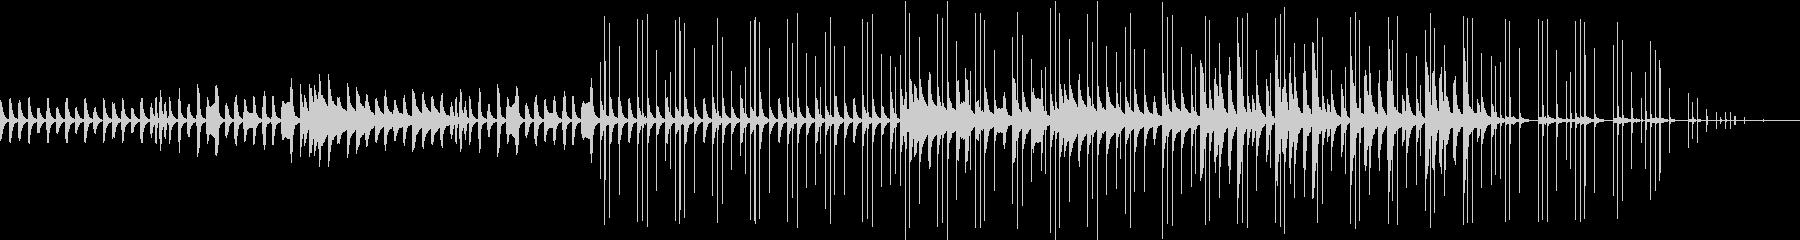 木琴、鉄琴で柔らかく暖かいイメージの曲。の未再生の波形